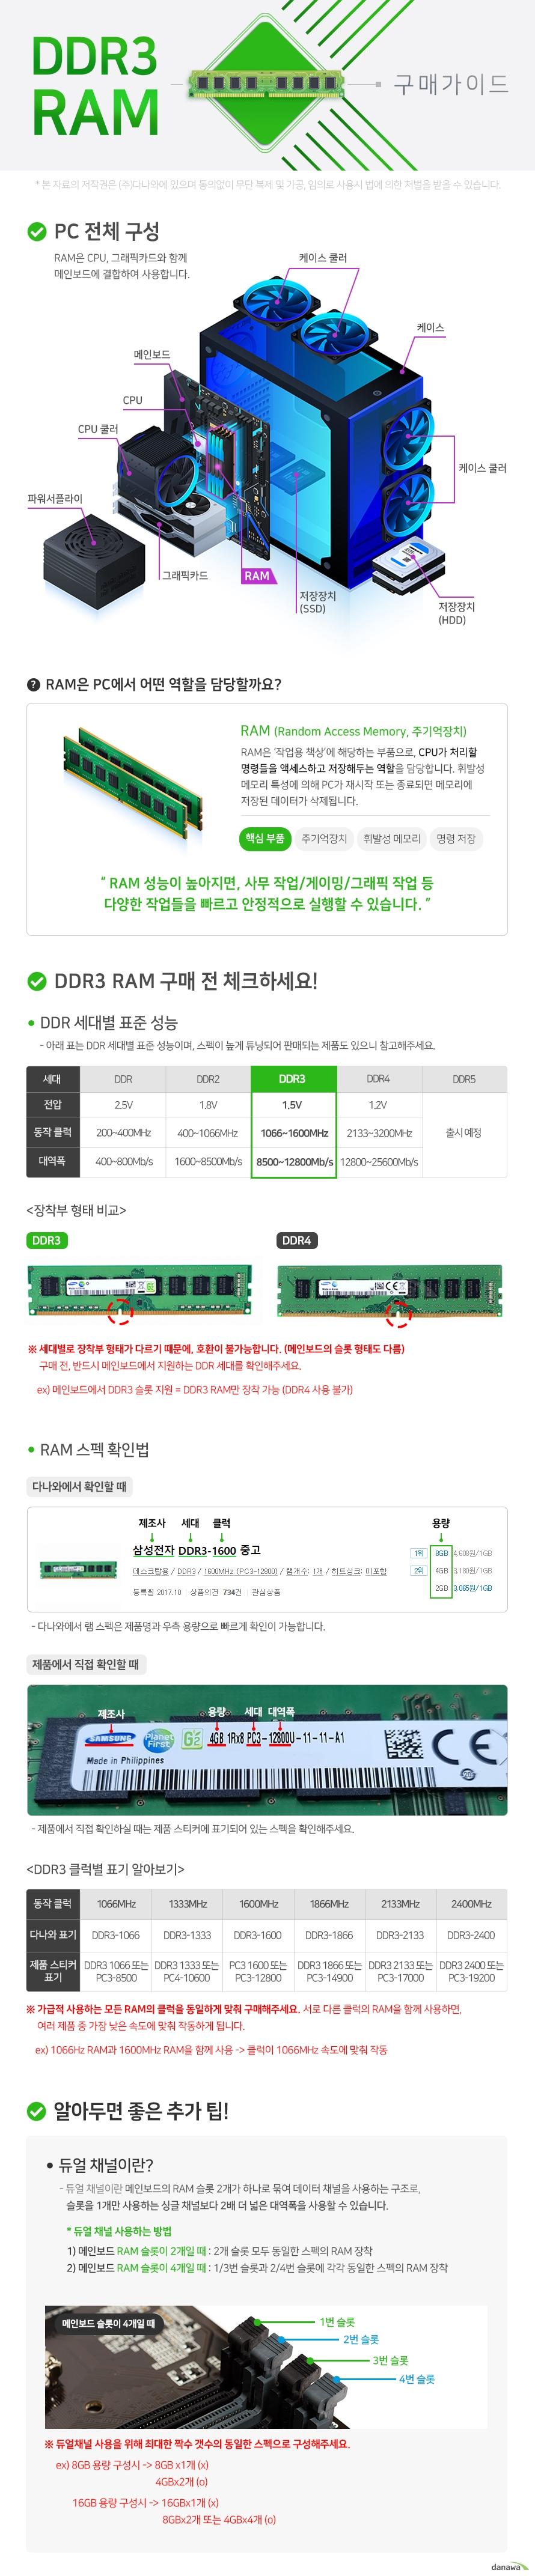 컴이지 DDR3-1600 CL11 (8GB)